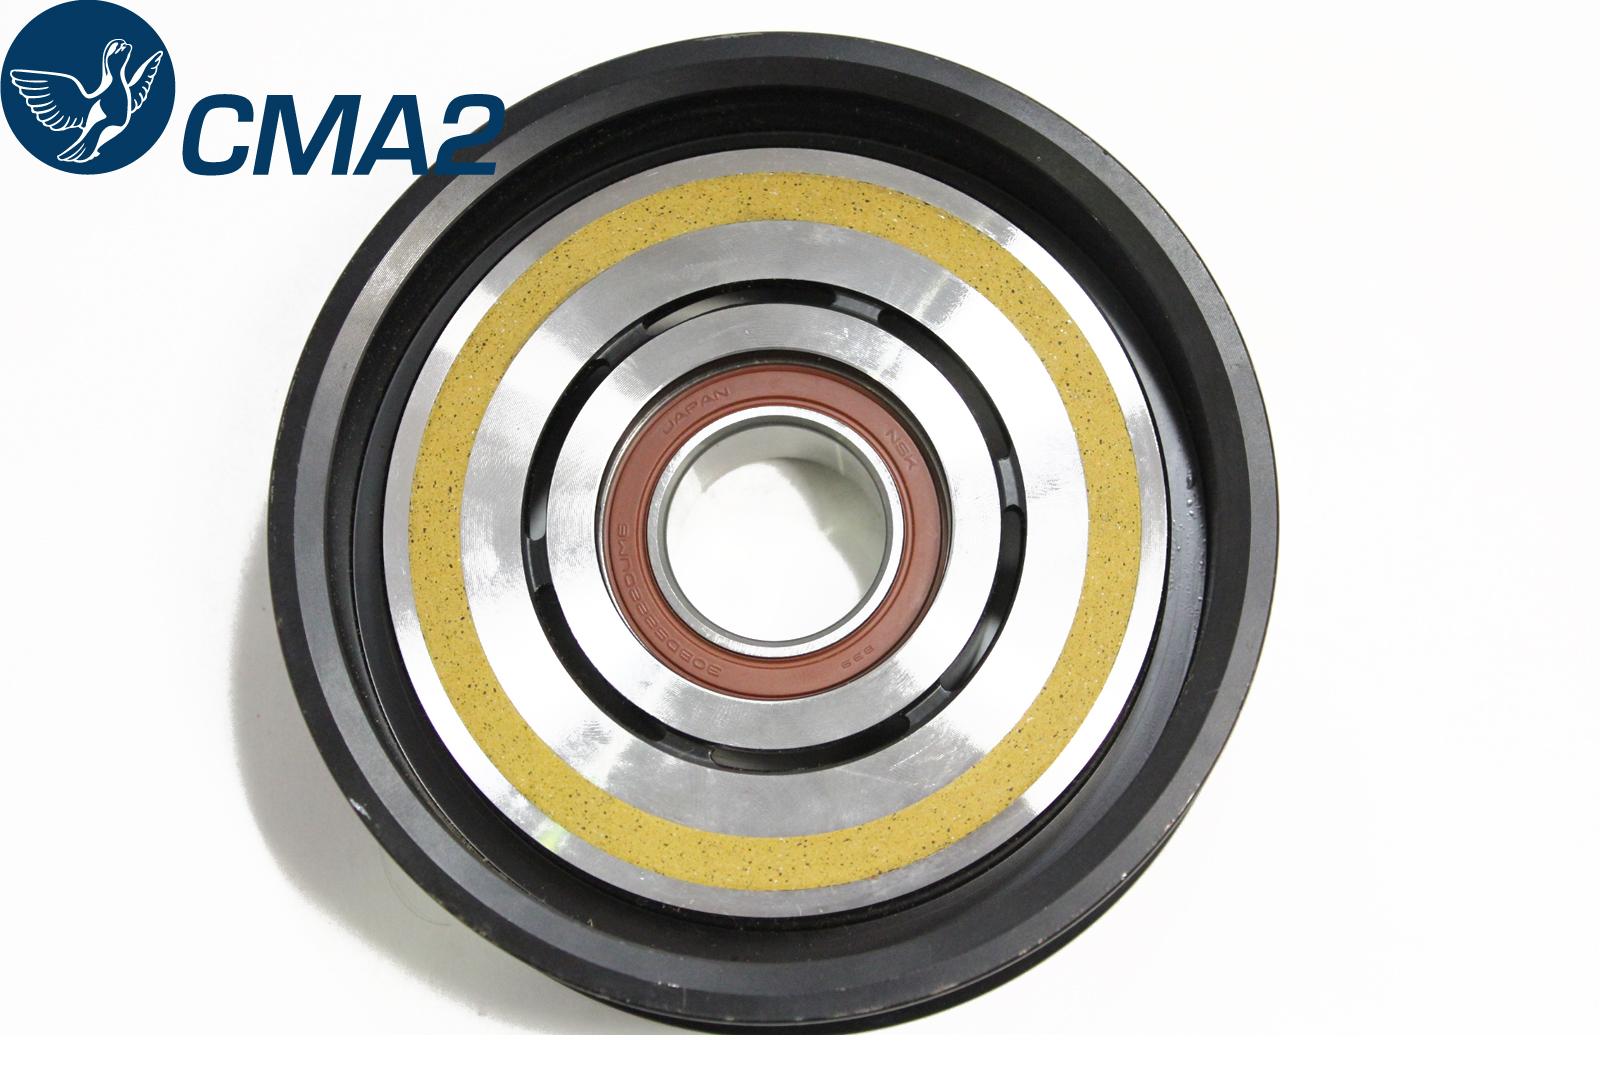 Муфта компрессора кондиционера Тойота Ленд Крузер 200, 88410-6A100, 884106A100.